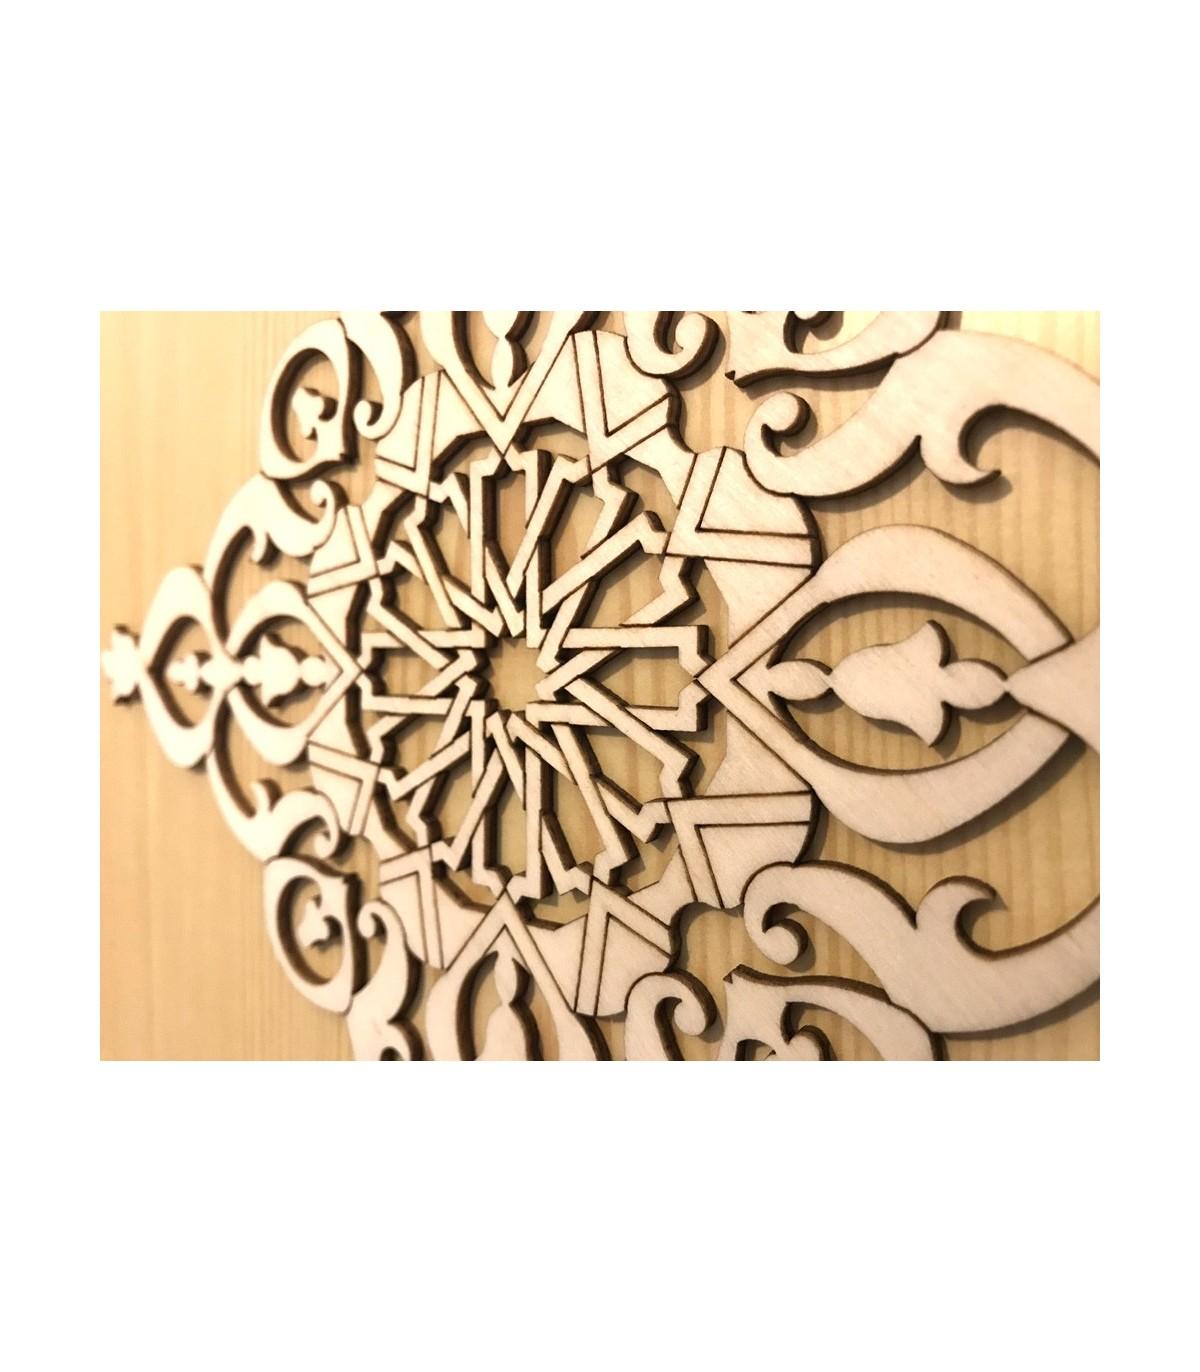 Celosía Árabe Calada - Madera Corte Láser - Modelo 6-25 x 25 cm Online